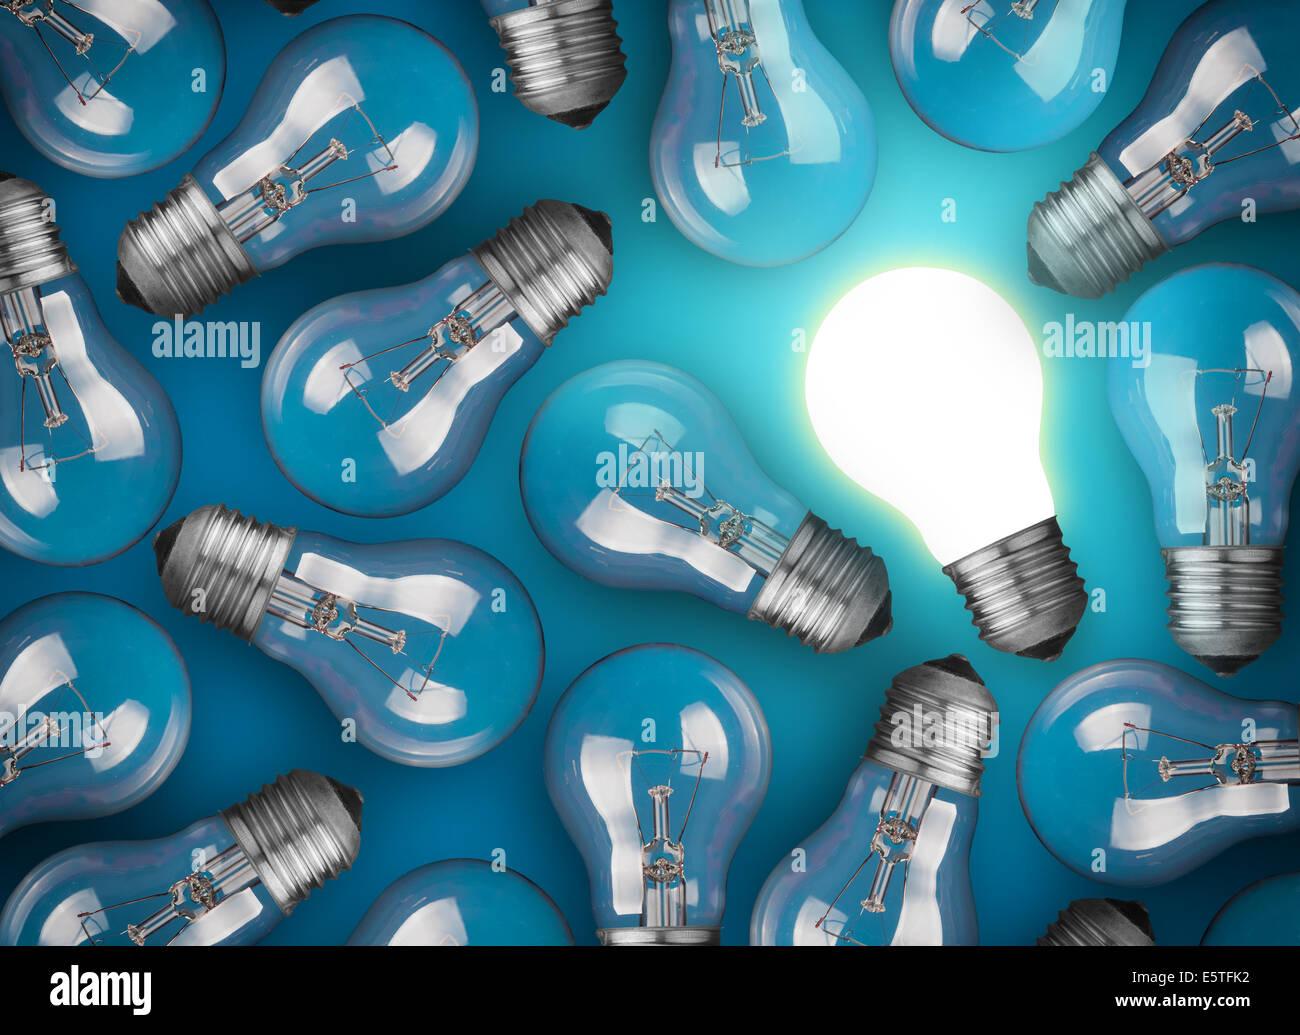 Idee-Konzept mit Glühbirnen auf blauem Hintergrund Stockbild